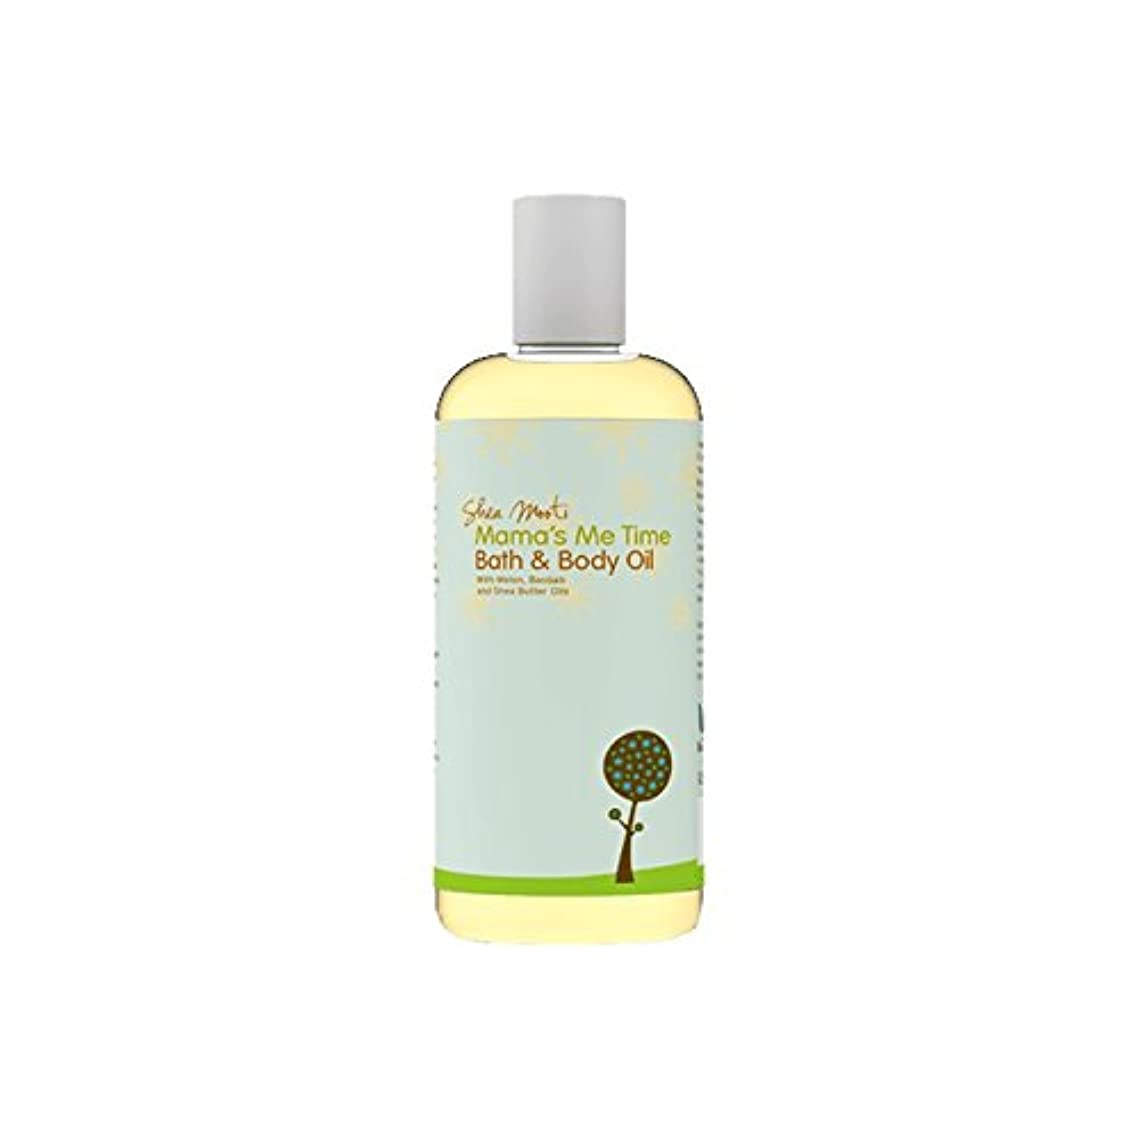 瞳癌葉Shea Mooti Mama's Me Time Bath and Body Oil 110g (Pack of 6) - シアバターMootiママの私の時間のバス、ボディオイル110グラム (x6) [並行輸入品]